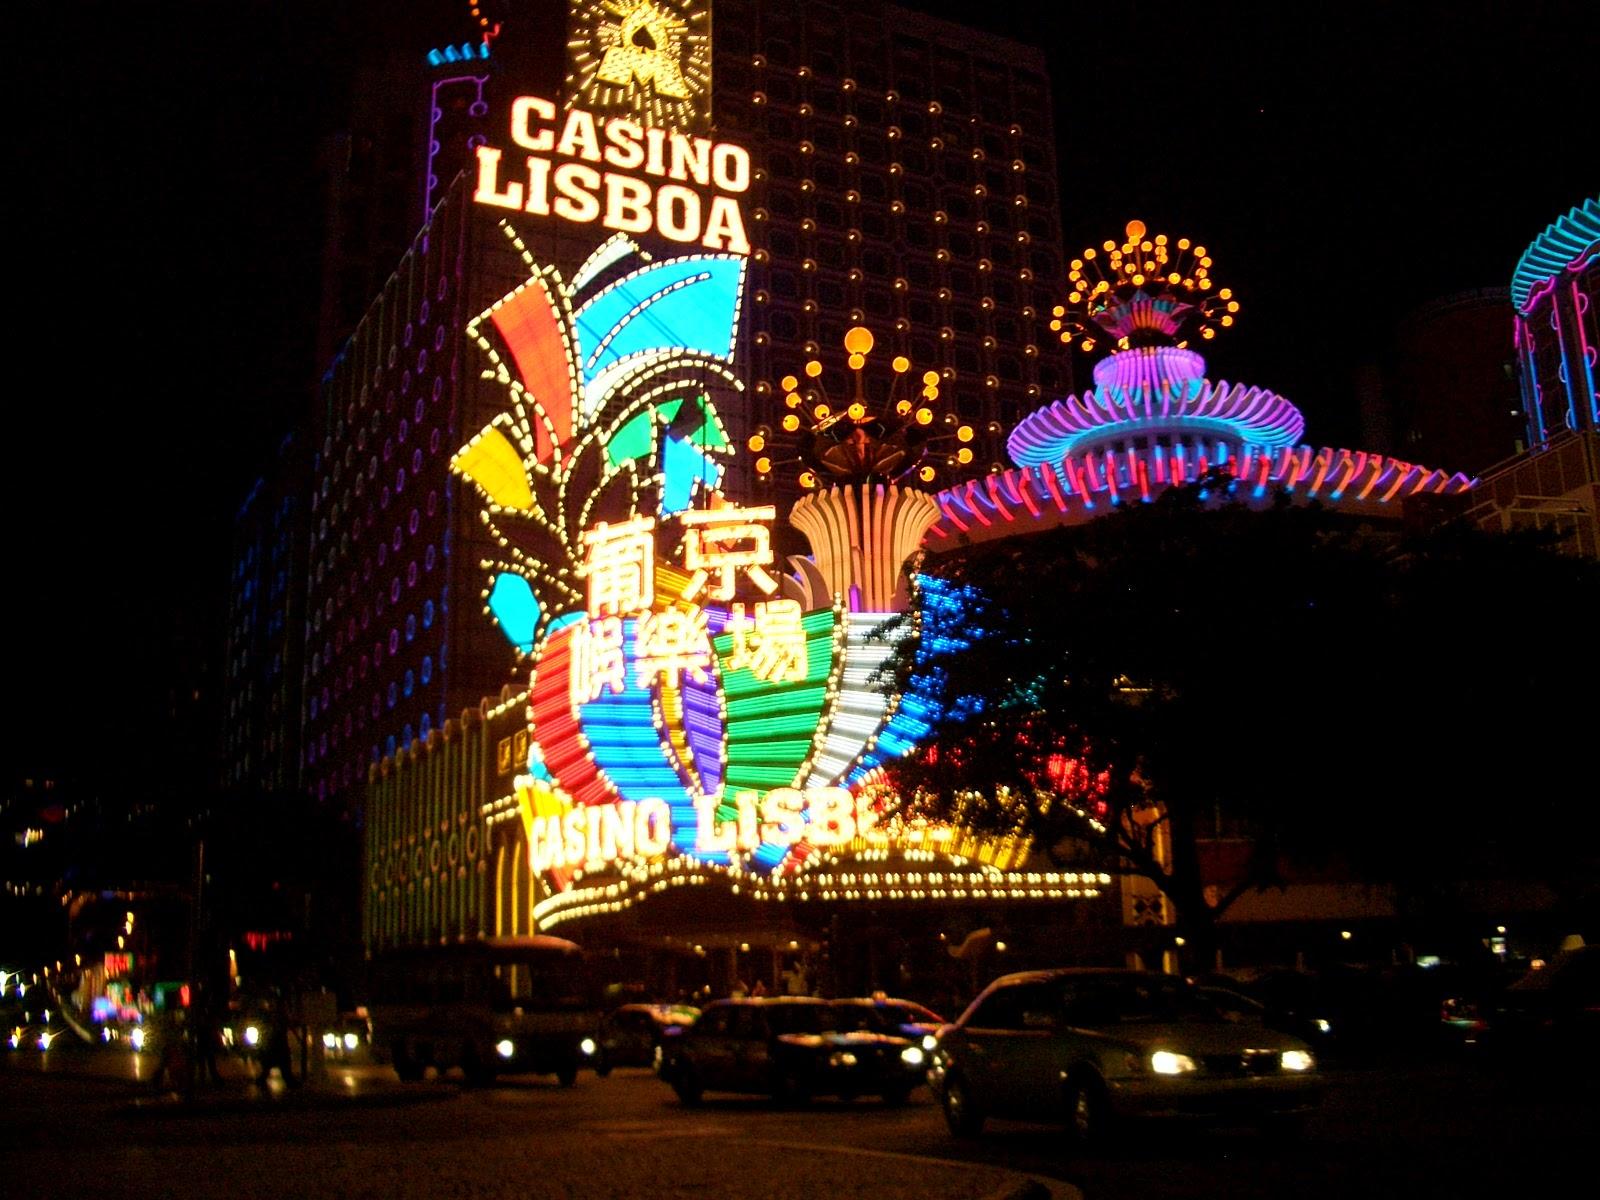 �гры автомат казино бесплатно без регистрации